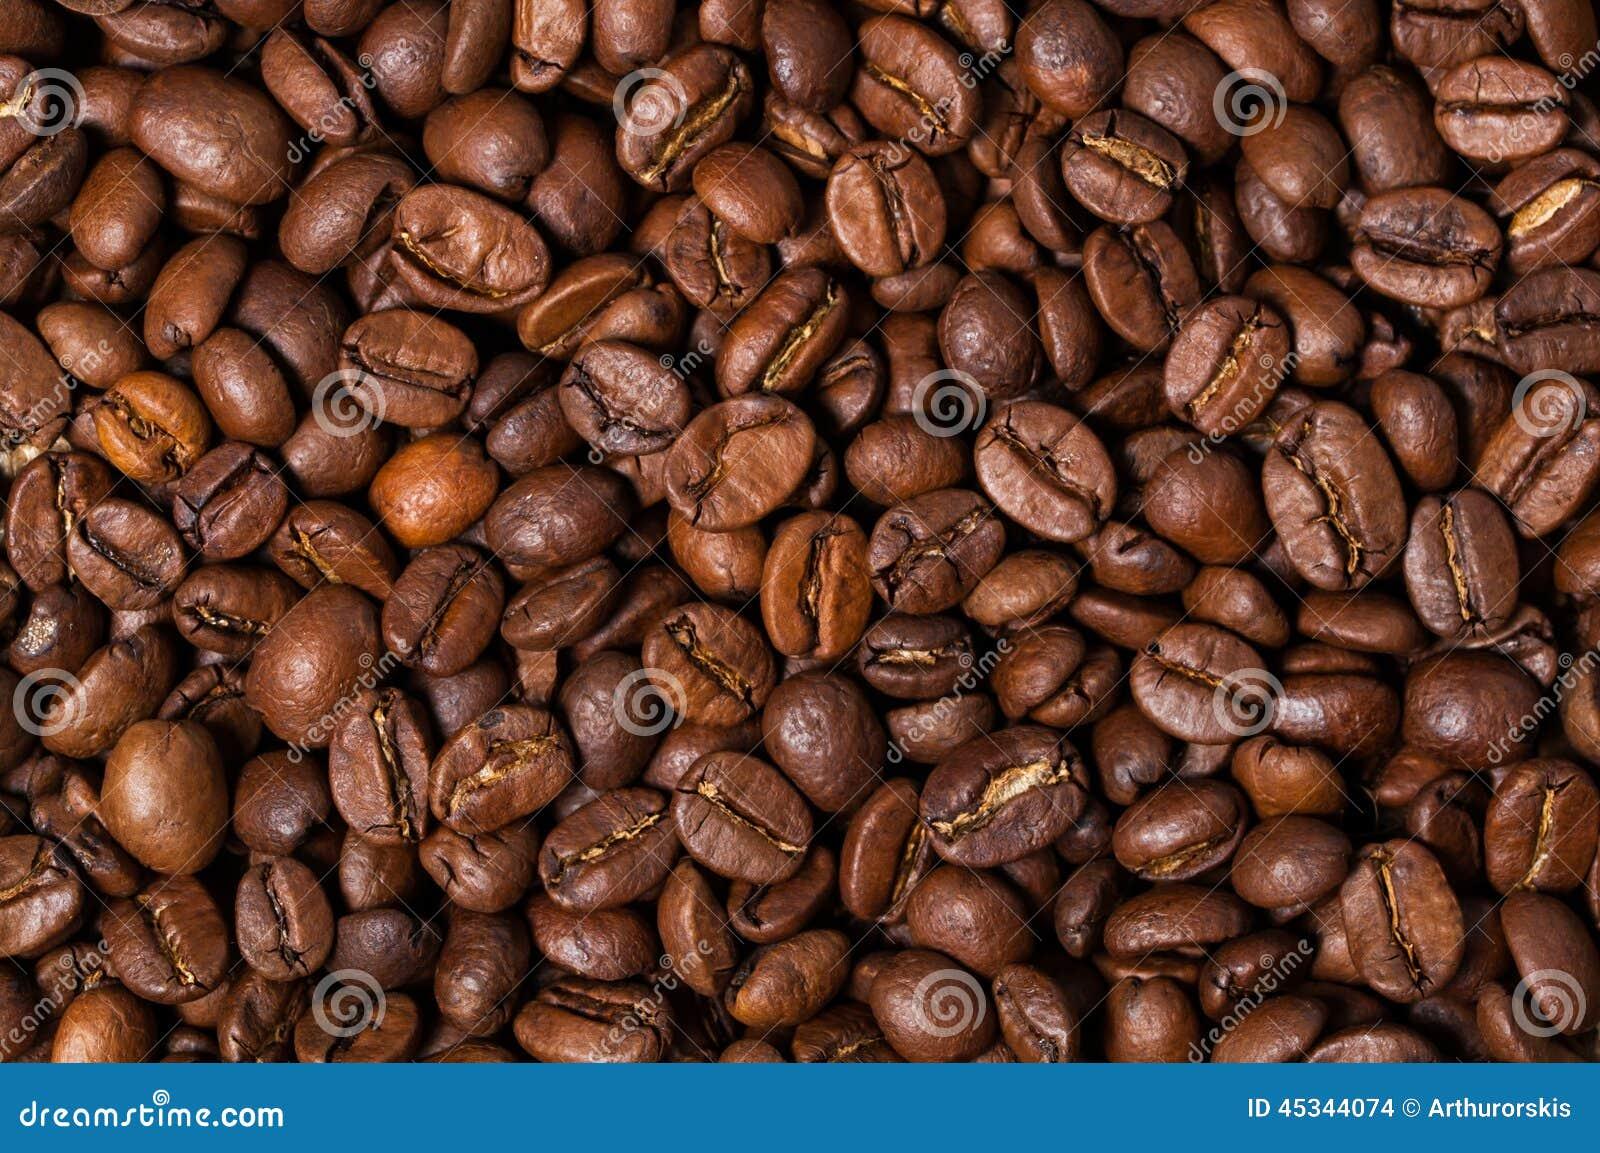 Bean śniadanie kawa ideał wyizolował makro nadmiar białych z bliska